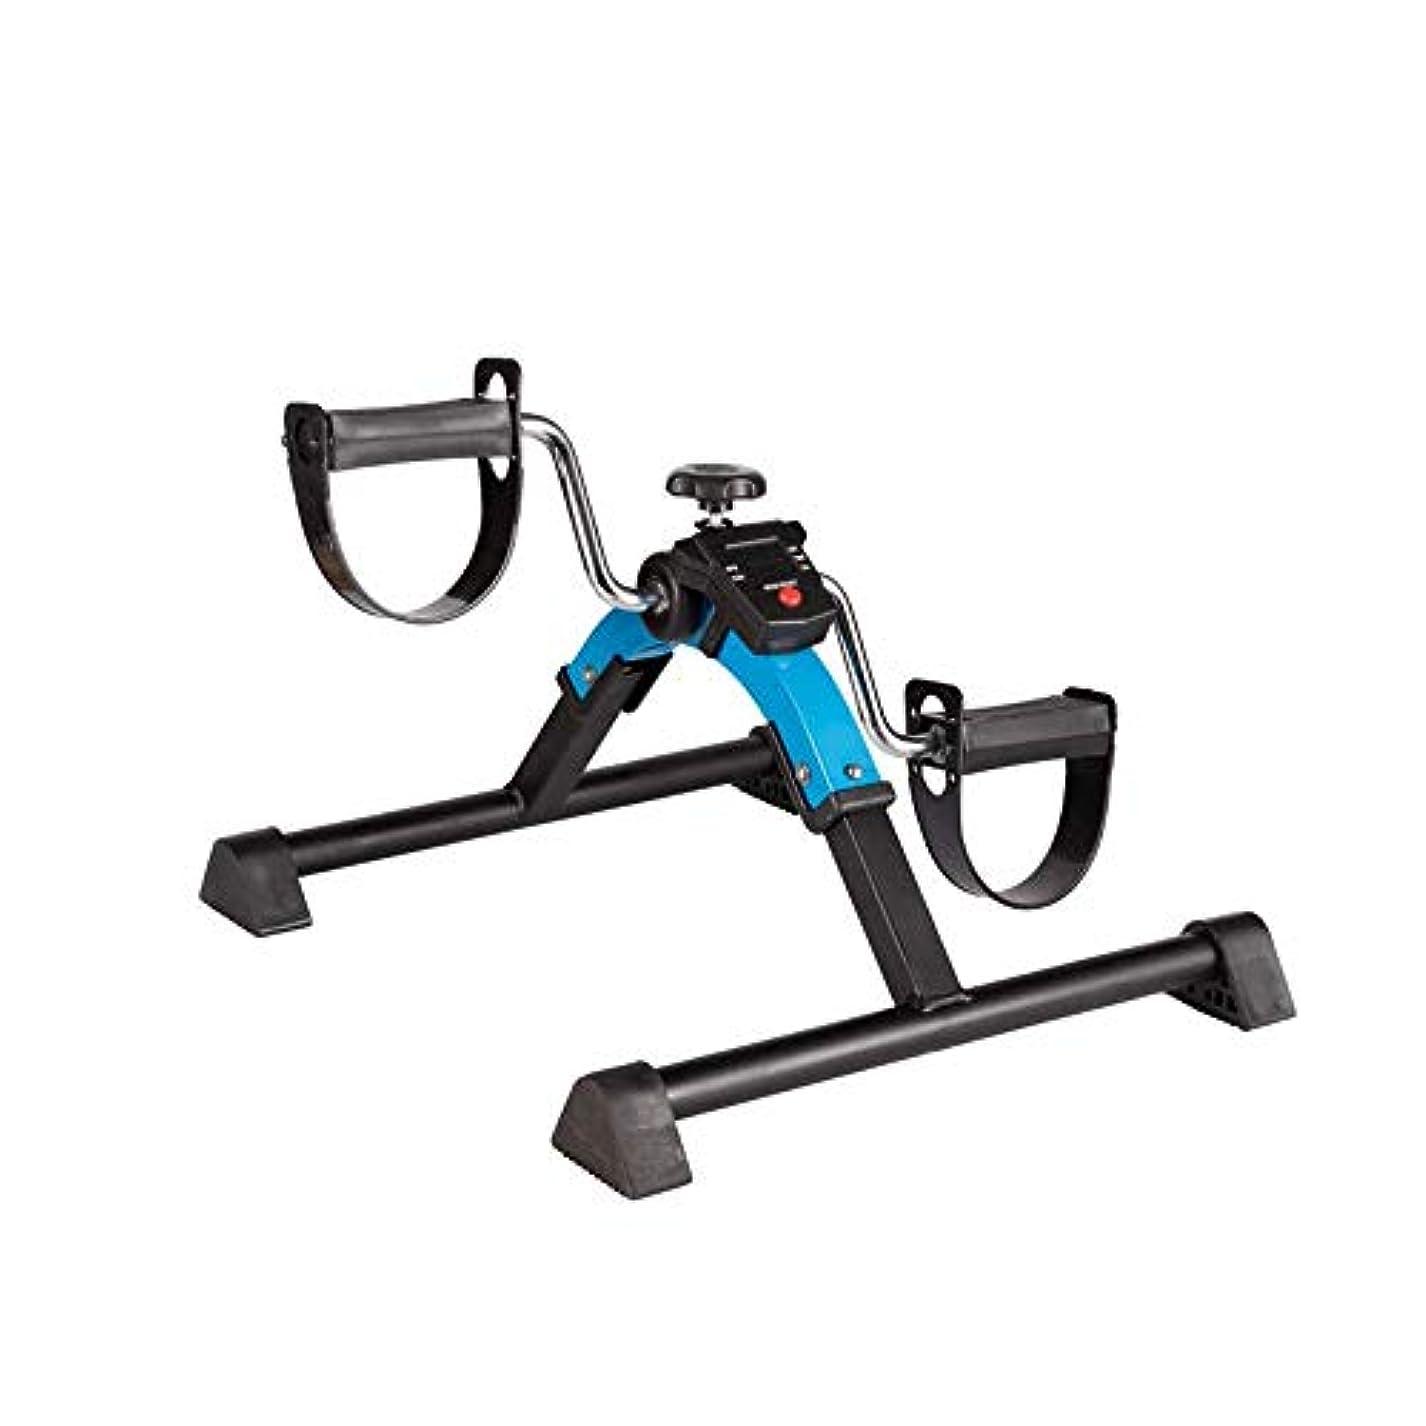 アラブサラボ招待現代上肢および下肢エクササイズペダル、レッグマシン、リハビリトレーニング機器、脳卒中、片麻痺、手足、二重使用自転車